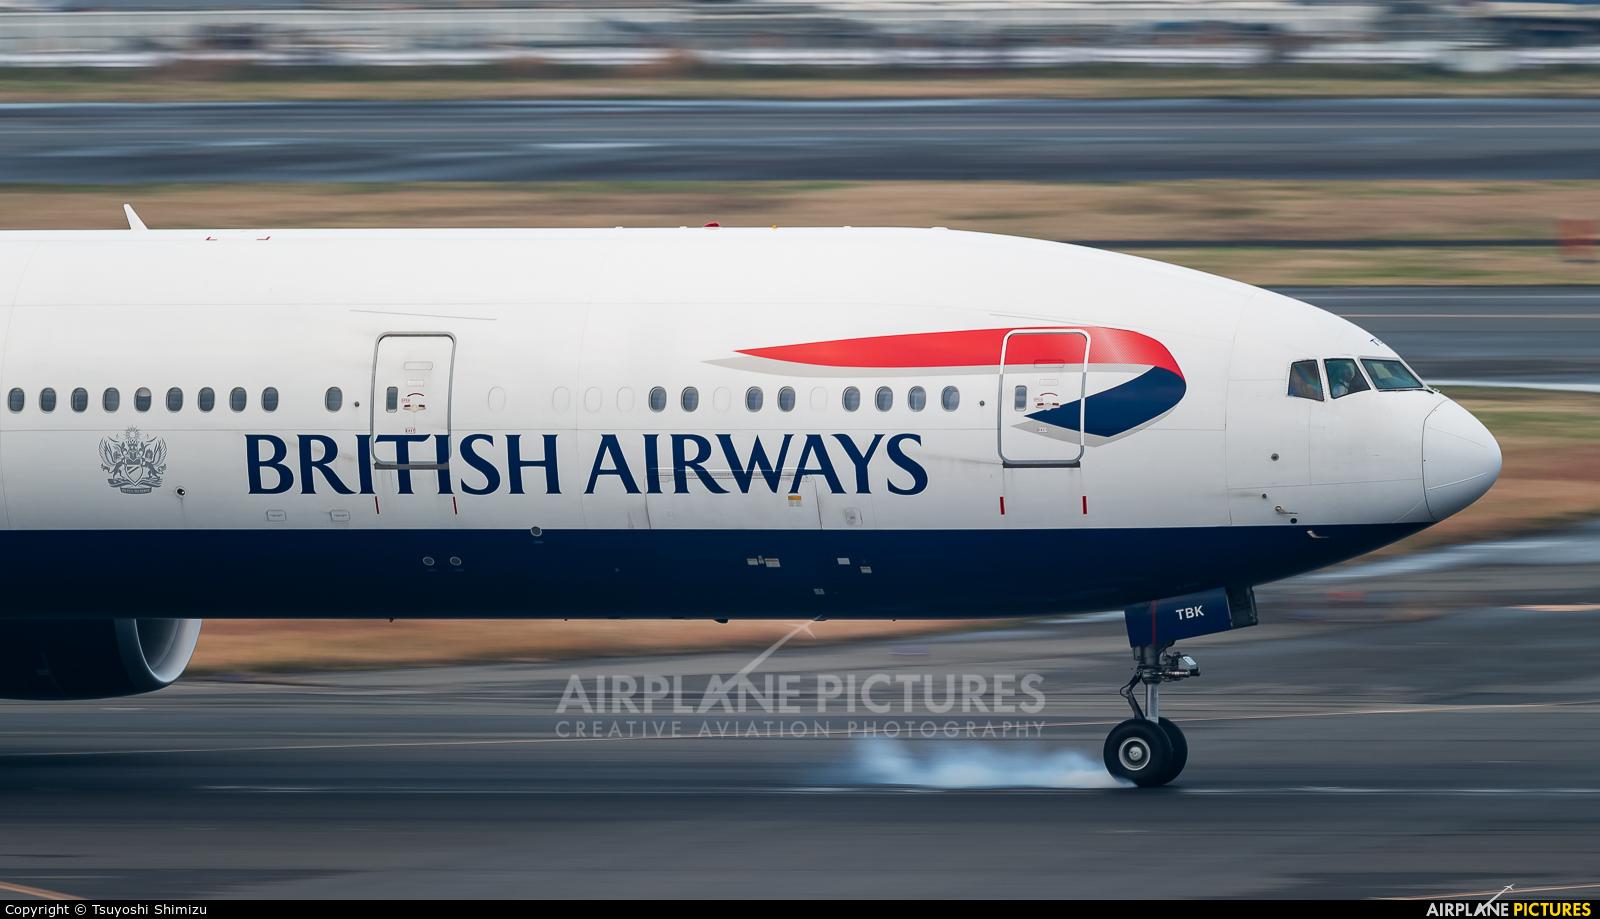 British Airways G-STBK aircraft at Tokyo - Haneda Intl